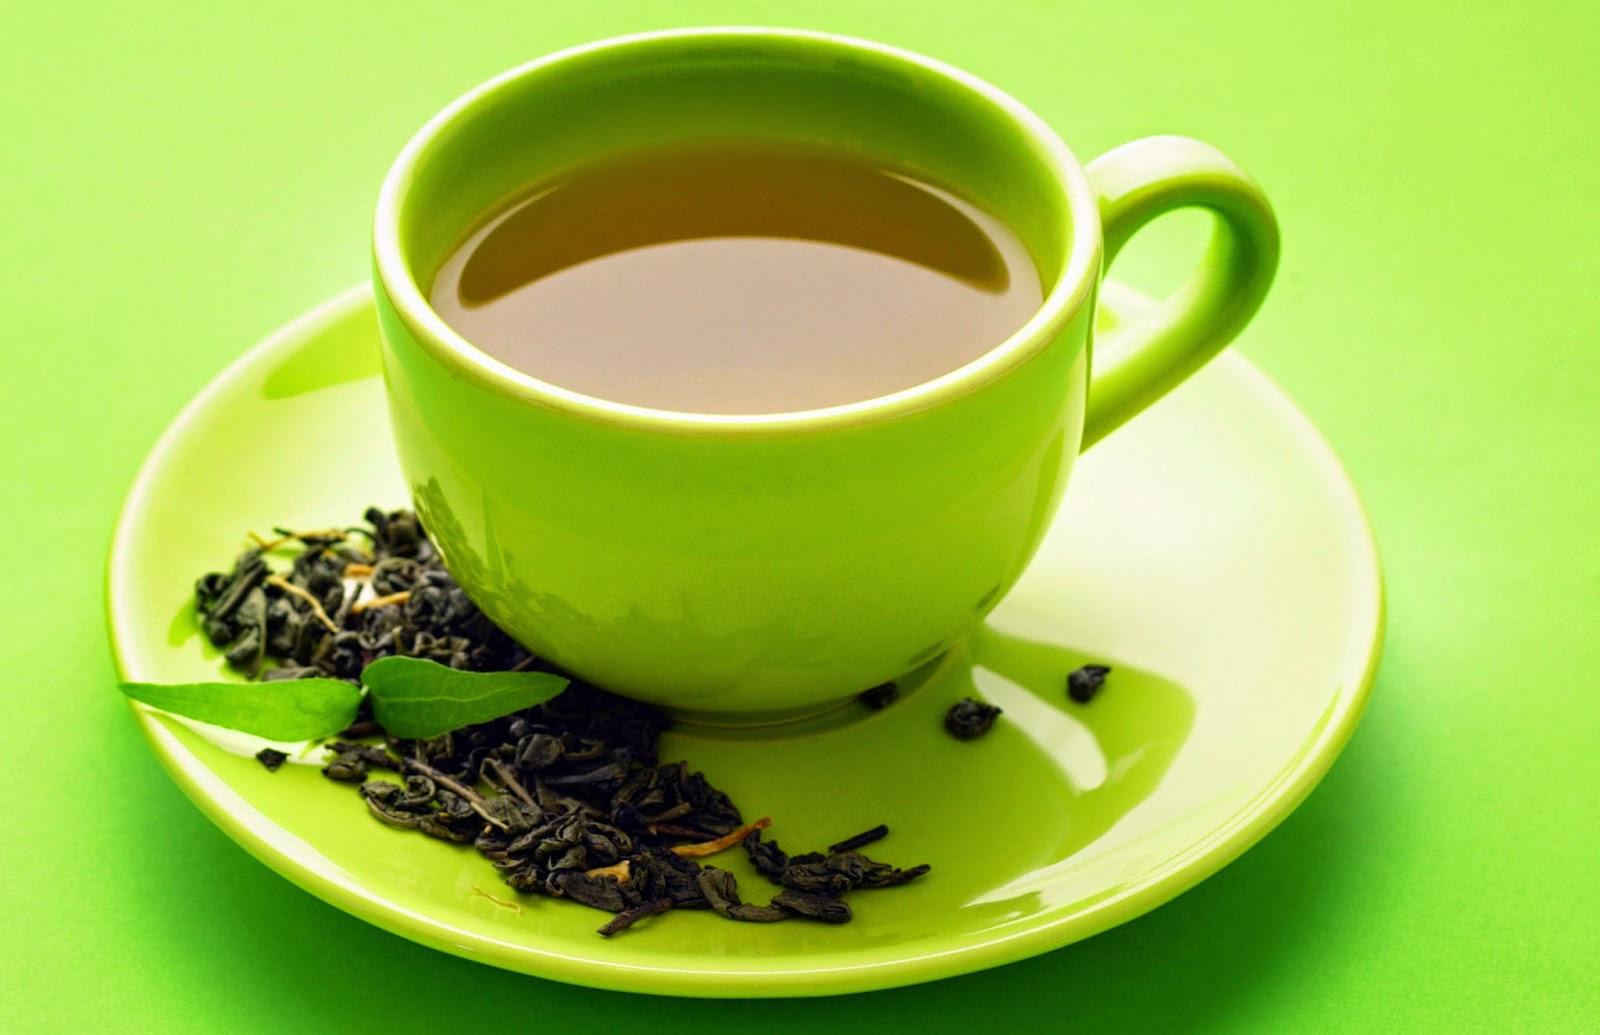 نصائح سريعة وطرق لتخفيف الوزن Green-Tea.jpg